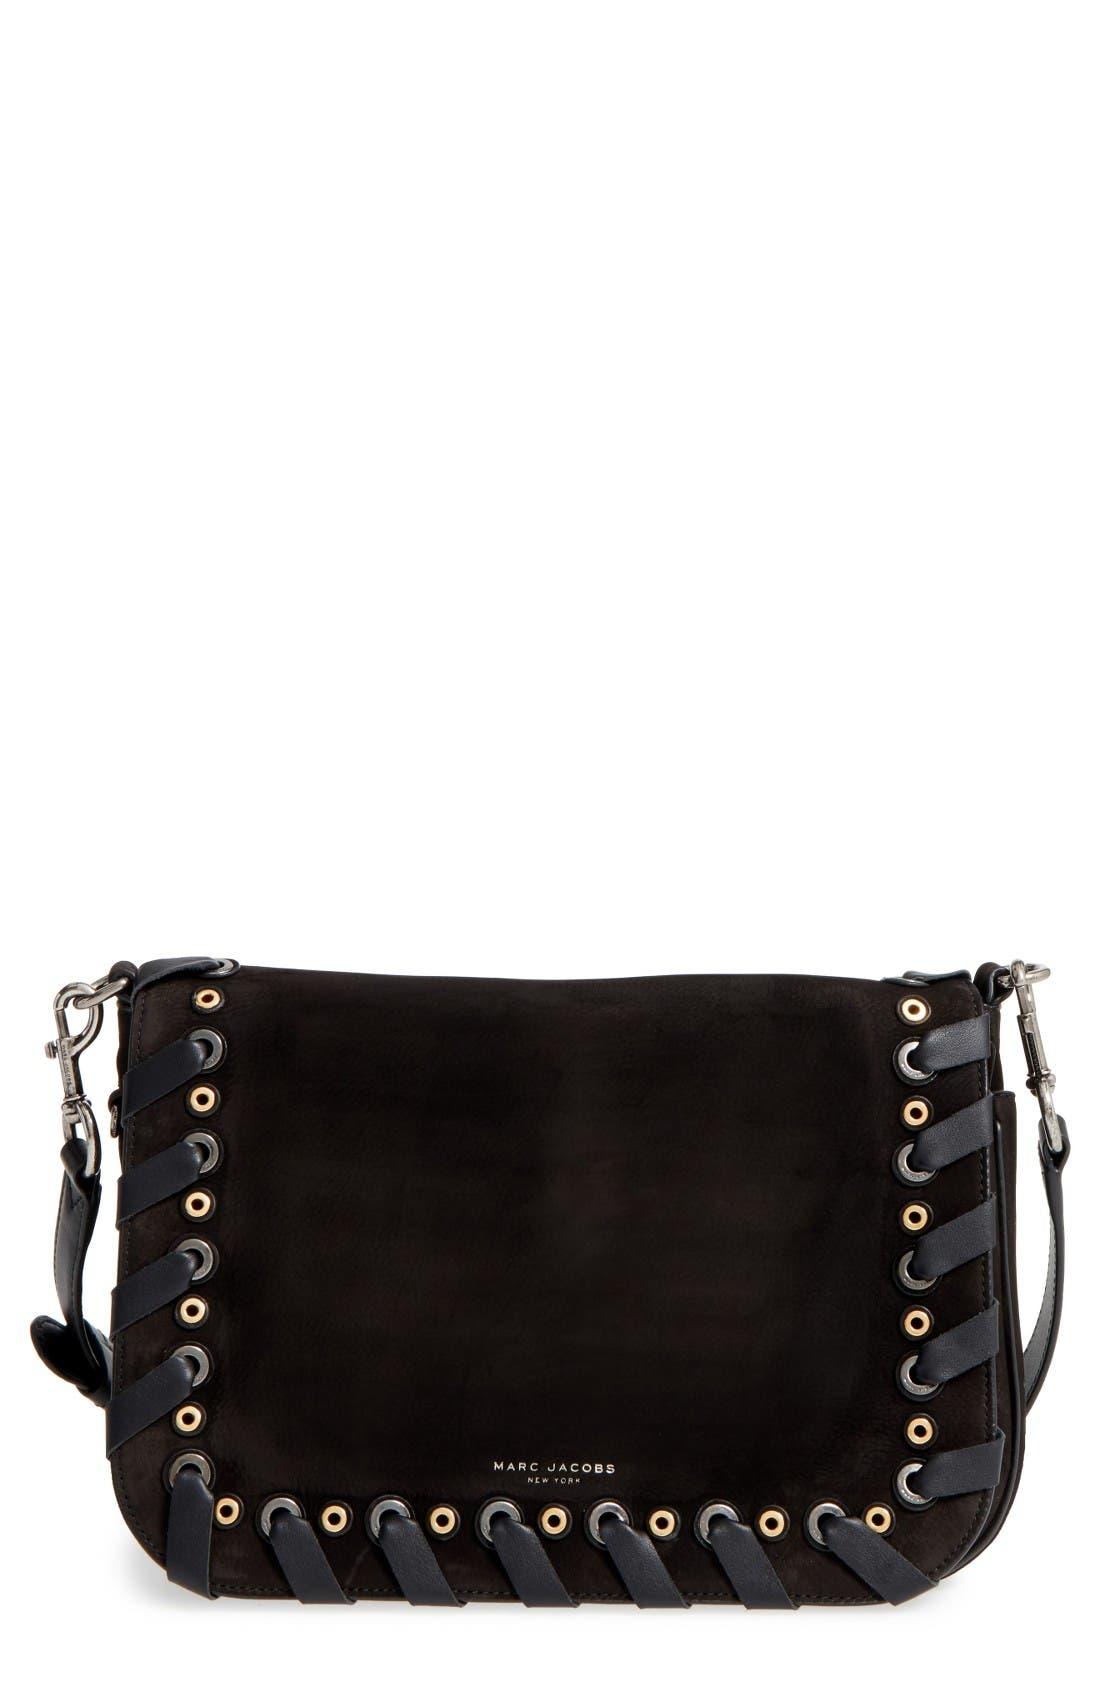 Alternate Image 1 Selected - MARC JACOBS Courier Nubuck Leather Shoulder Bag